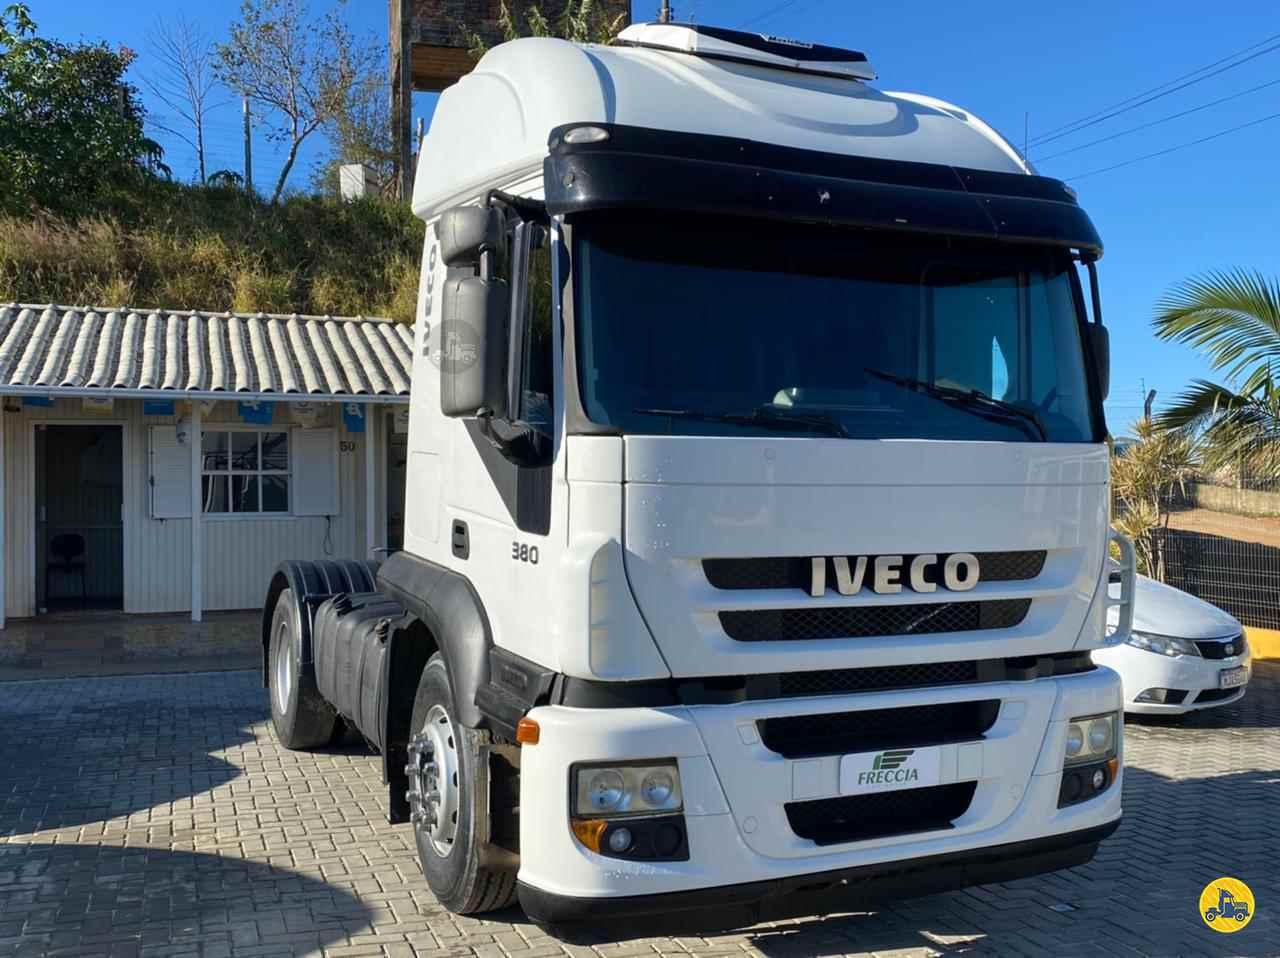 CAMINHAO IVECO STRALIS 380 Chassis Toco 4x2 Freccia Caminhões JAGUARUNA SANTA CATARINA SC